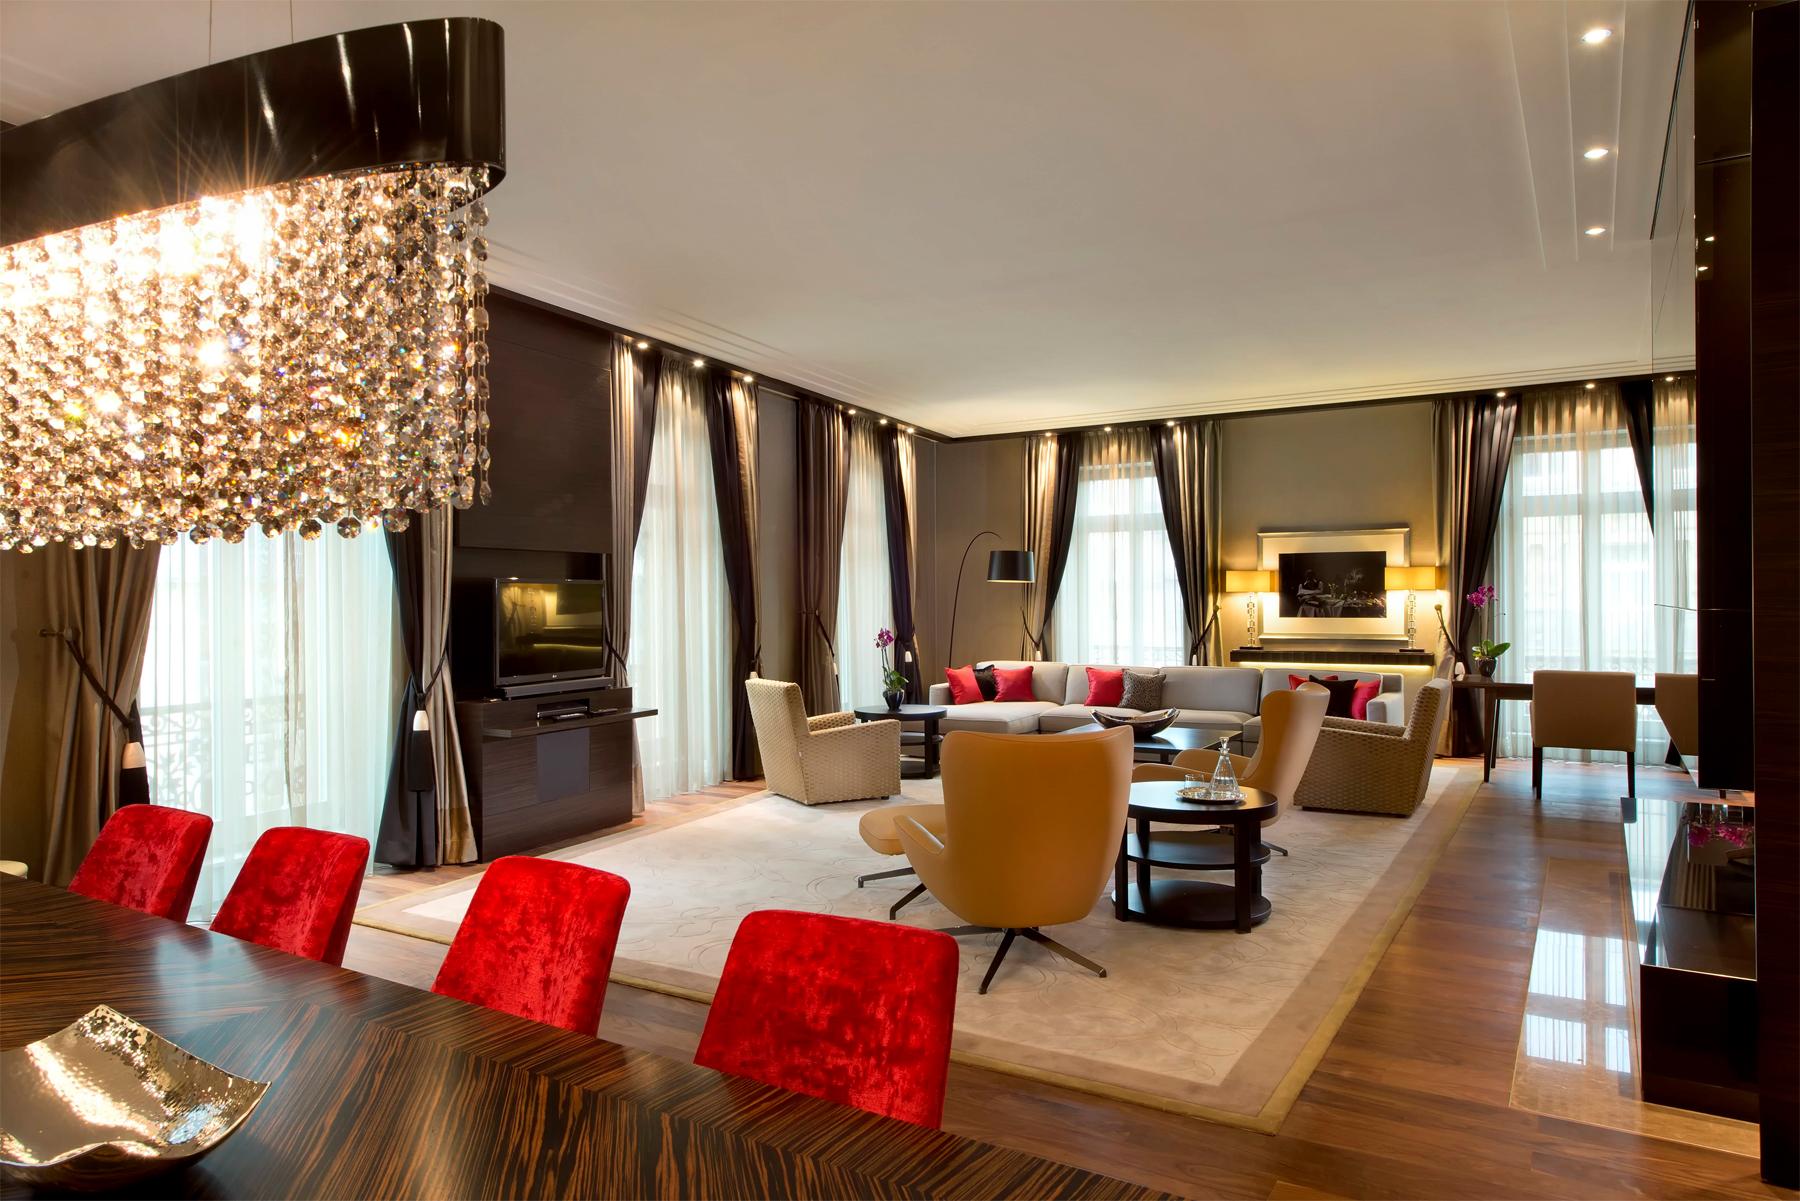 new presidential suite at the steigenberger frankfurter hof frankfurt germany. Black Bedroom Furniture Sets. Home Design Ideas